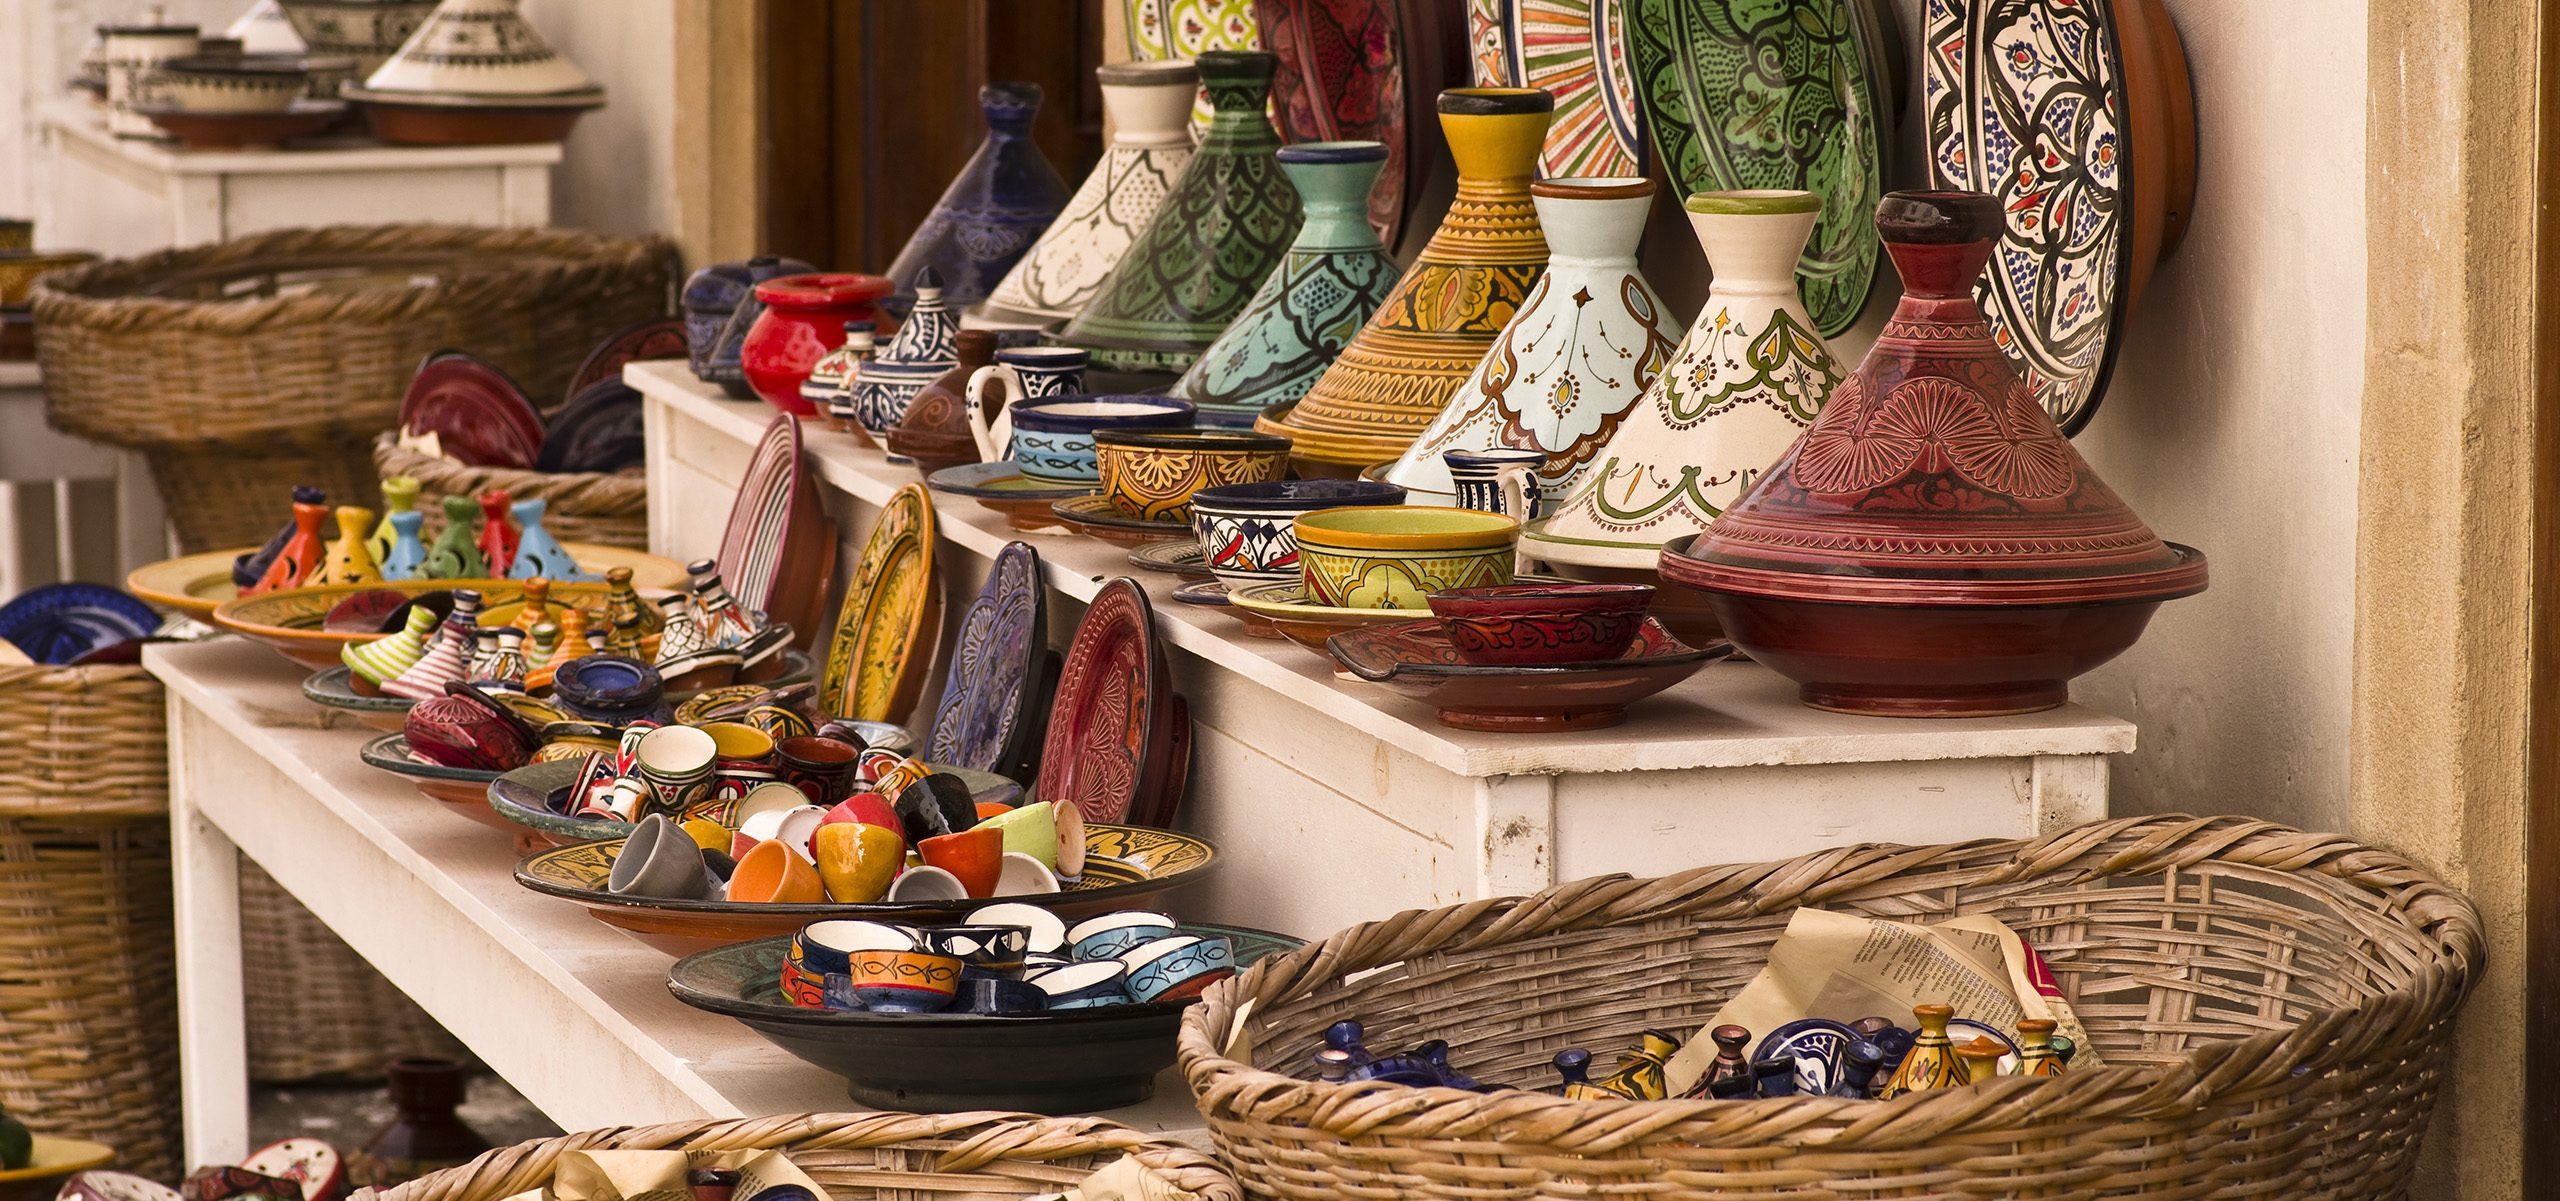 Morocco-Souq Pottery